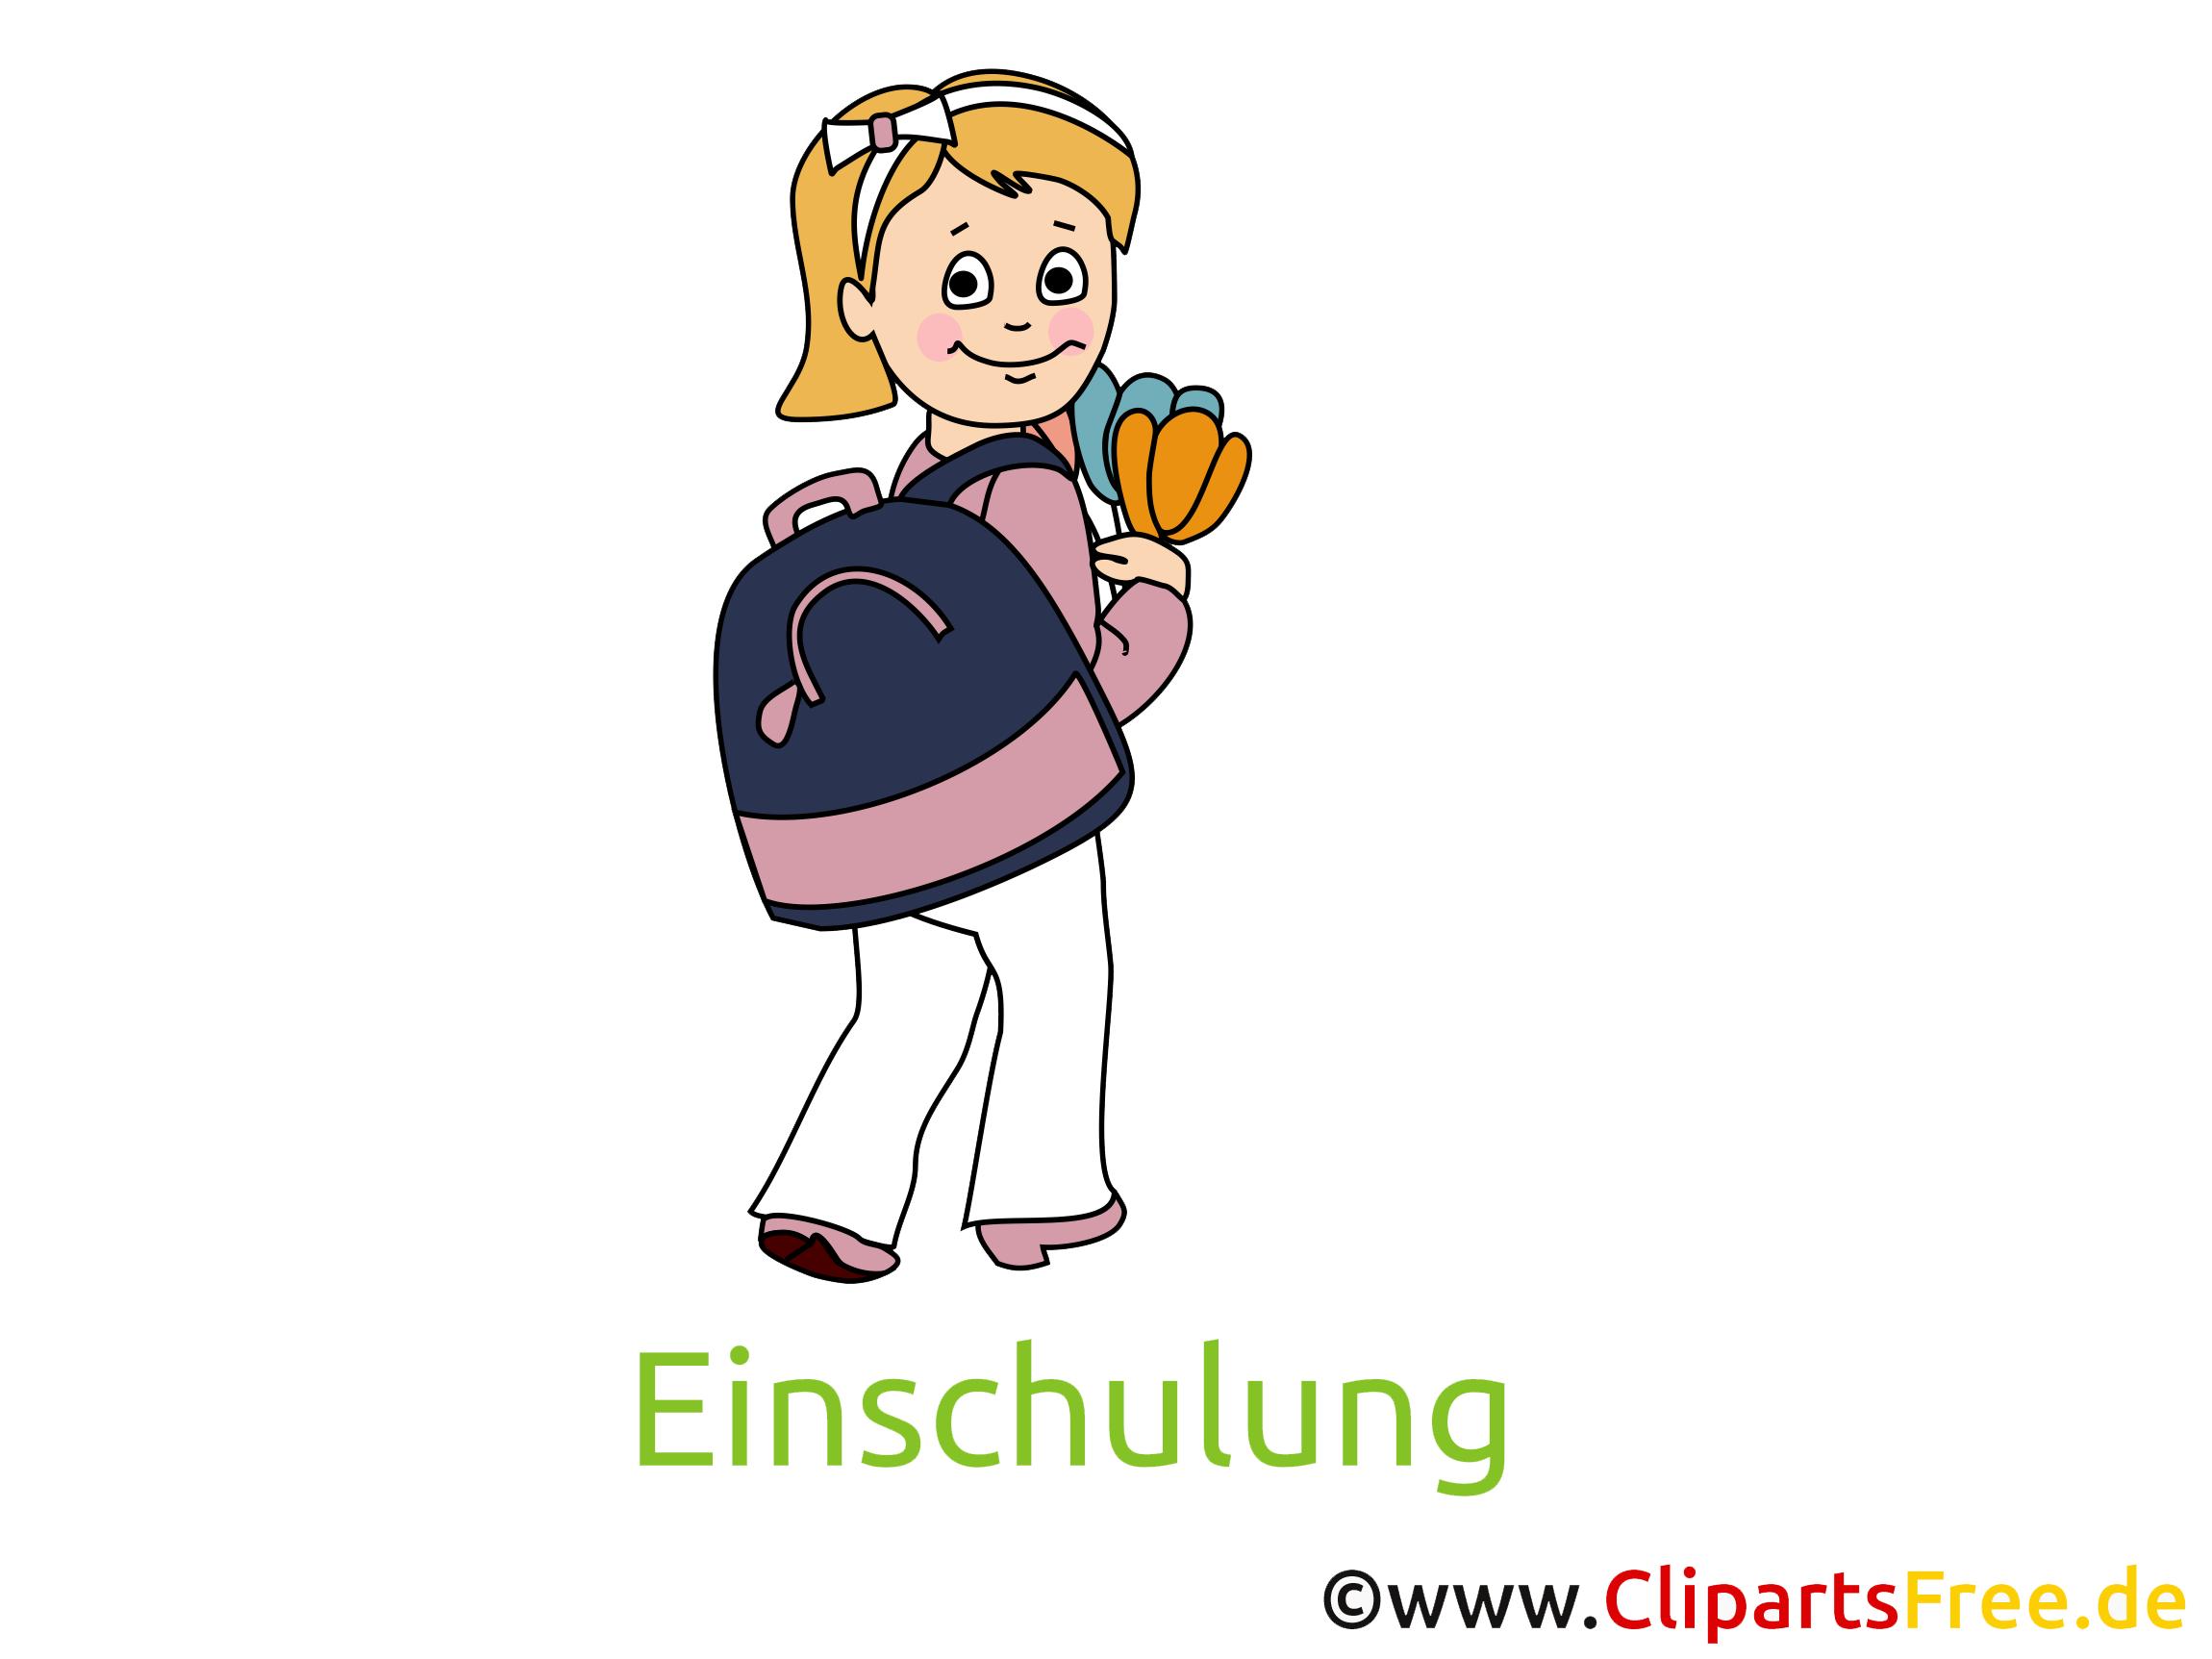 Zum Schulanfang Bilder, Cliparts, Cartoons gratis